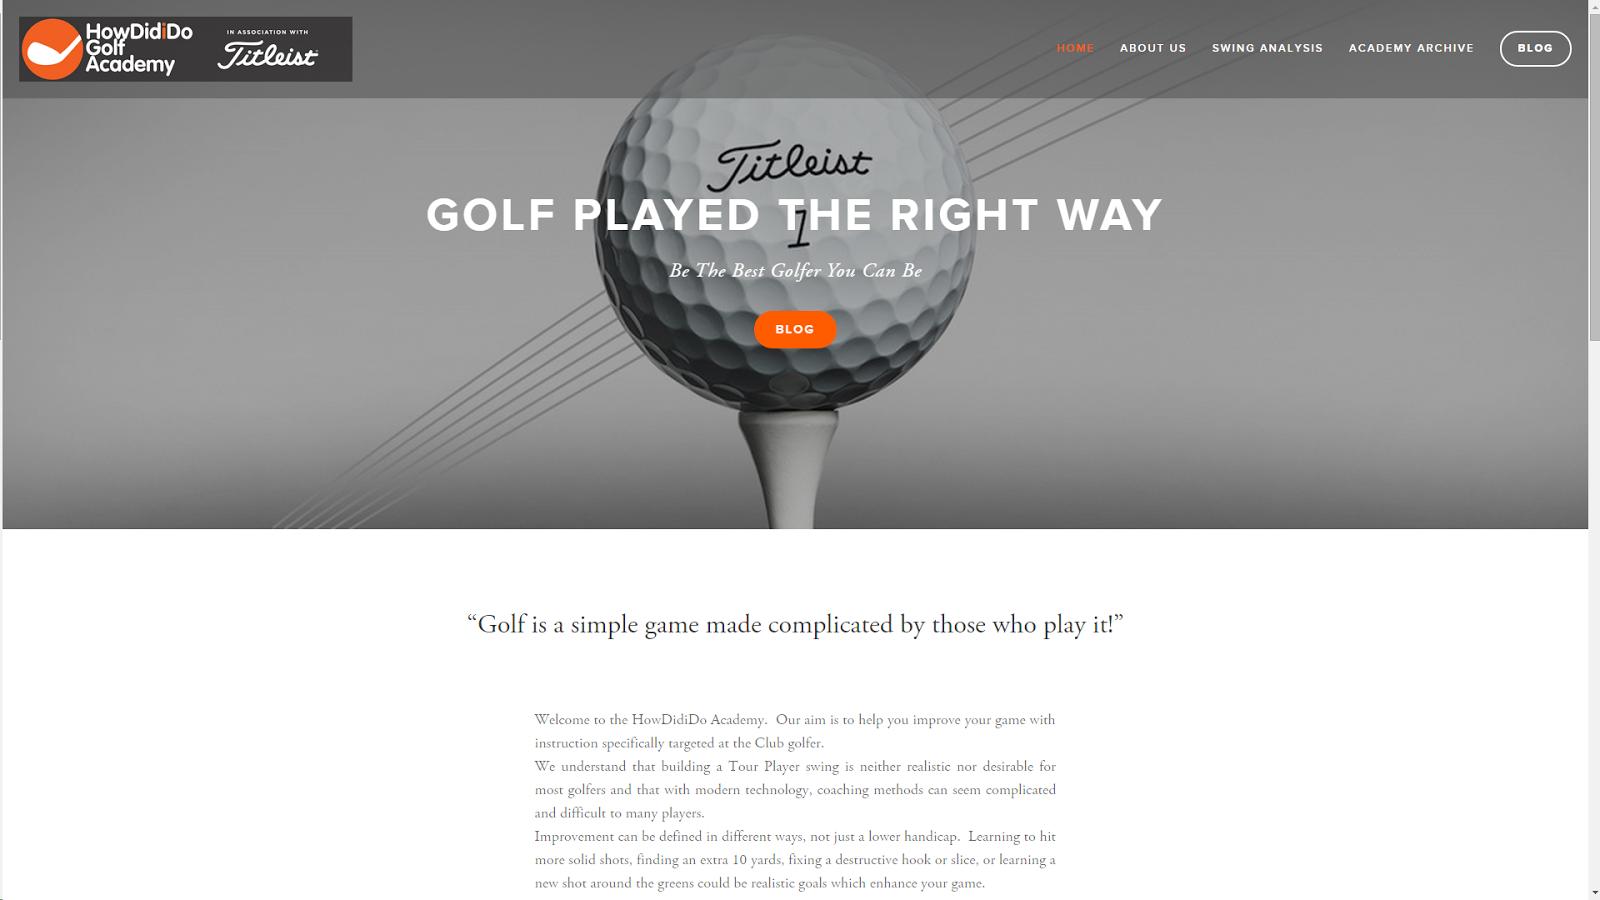 HowDidiDo Golf Academy